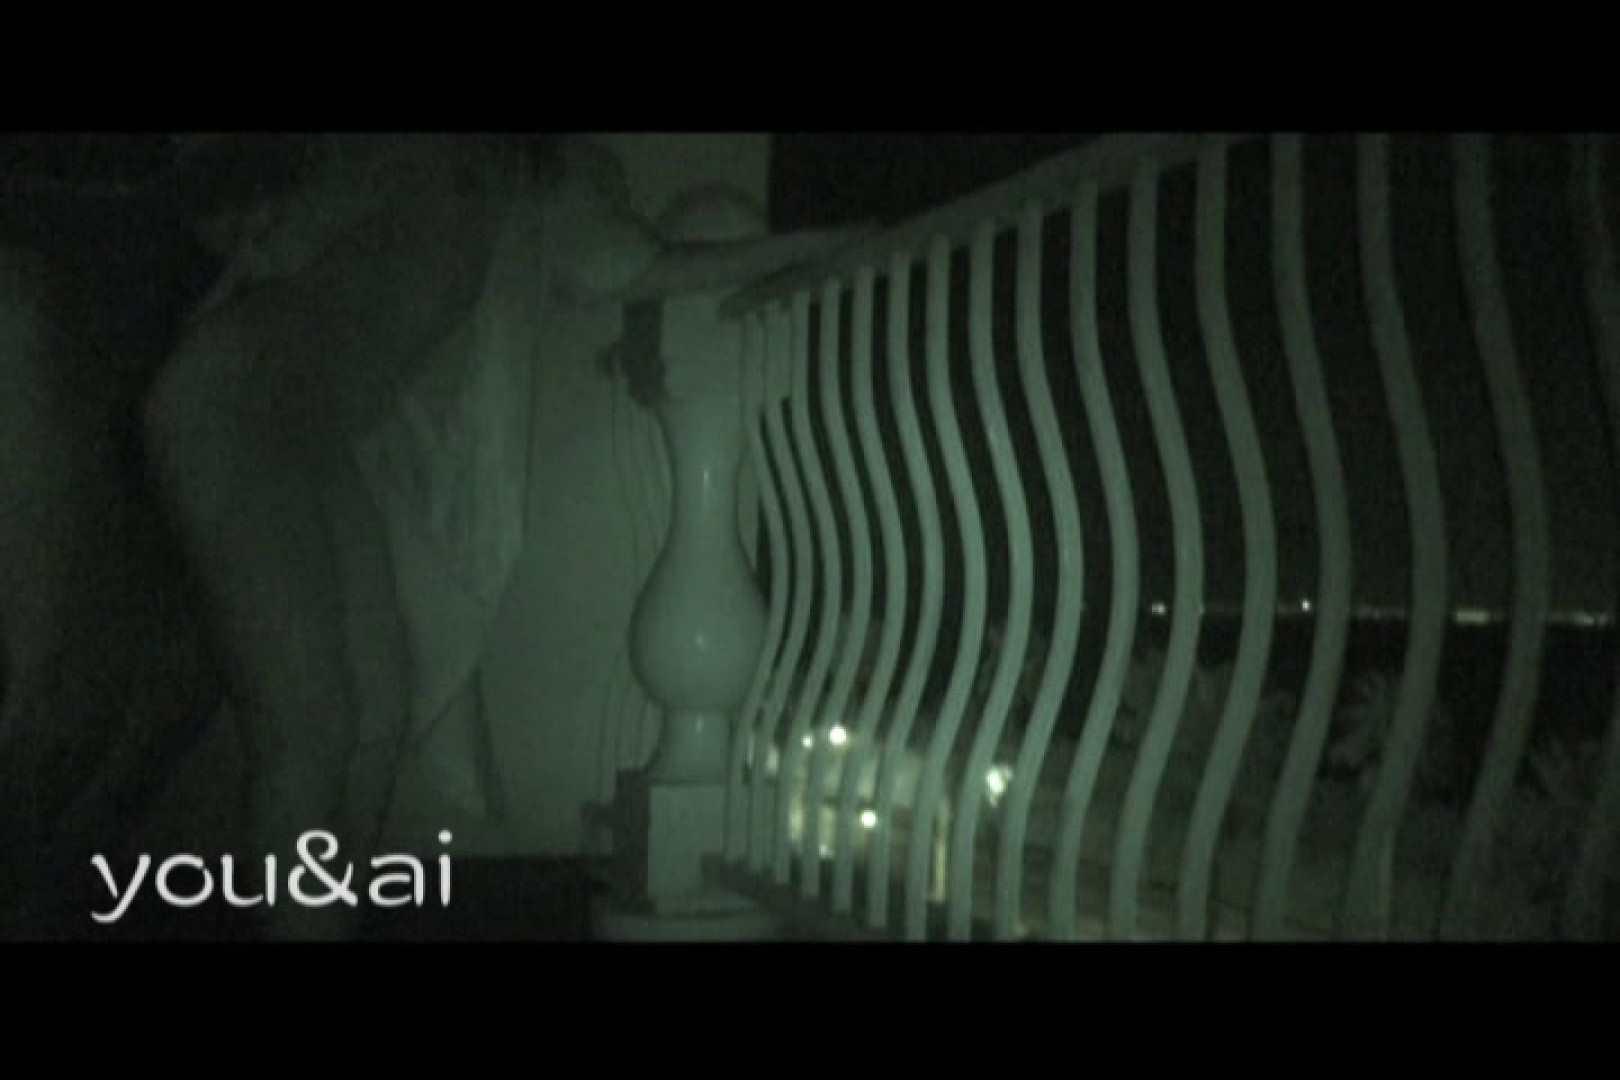 おしどり夫婦のyou&aiさん投稿作品vol.12 ホテル オマンコ動画キャプチャ 104PIX 83